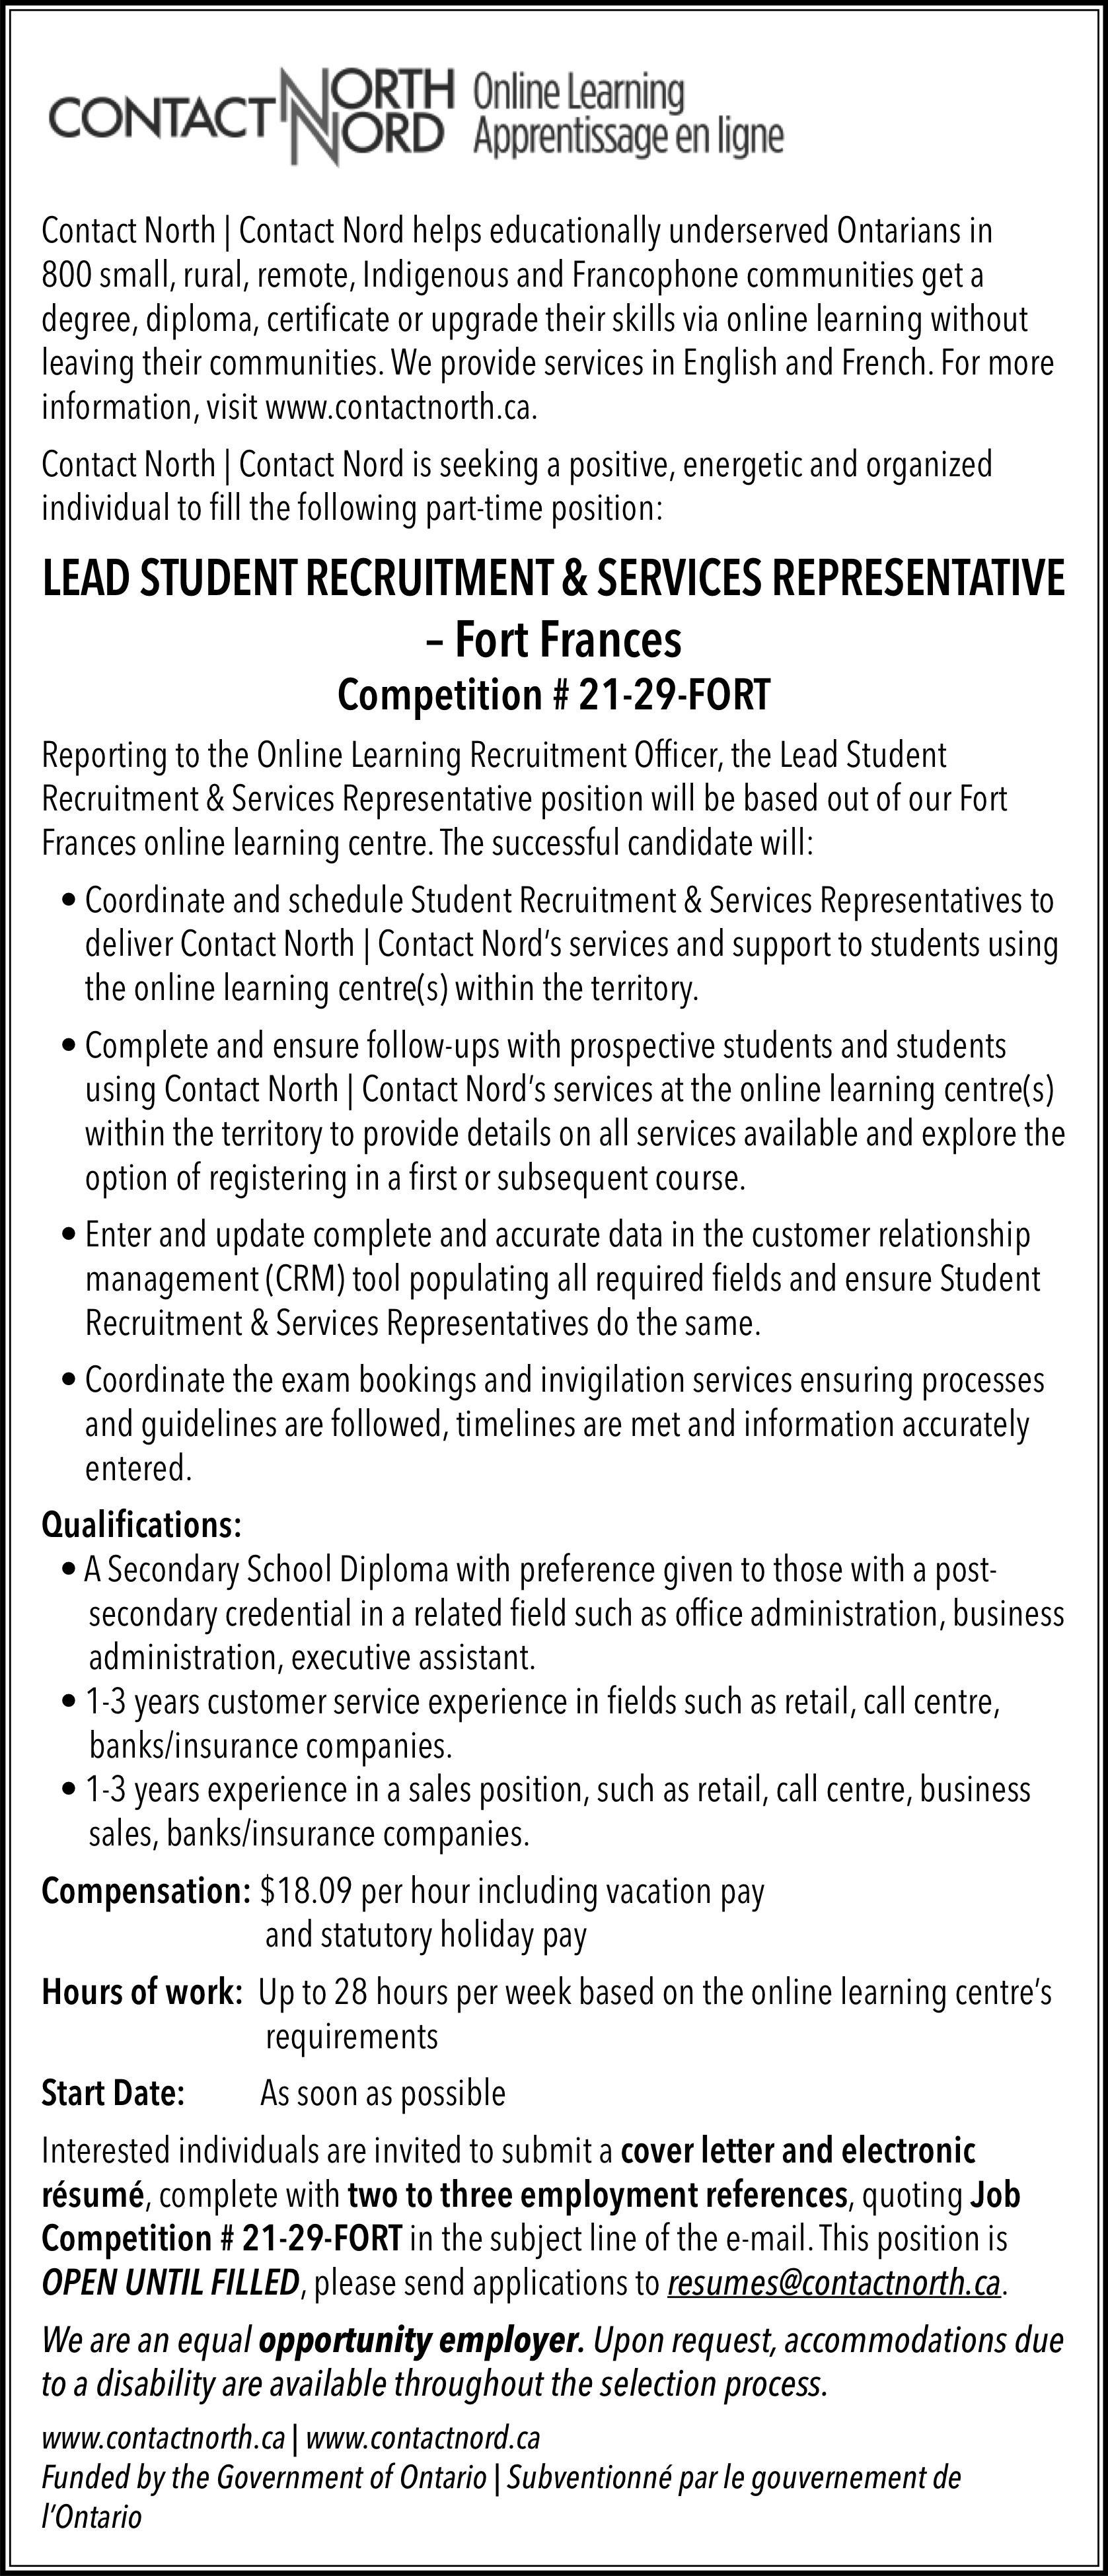 Lead Student Recruitment & Services Representative